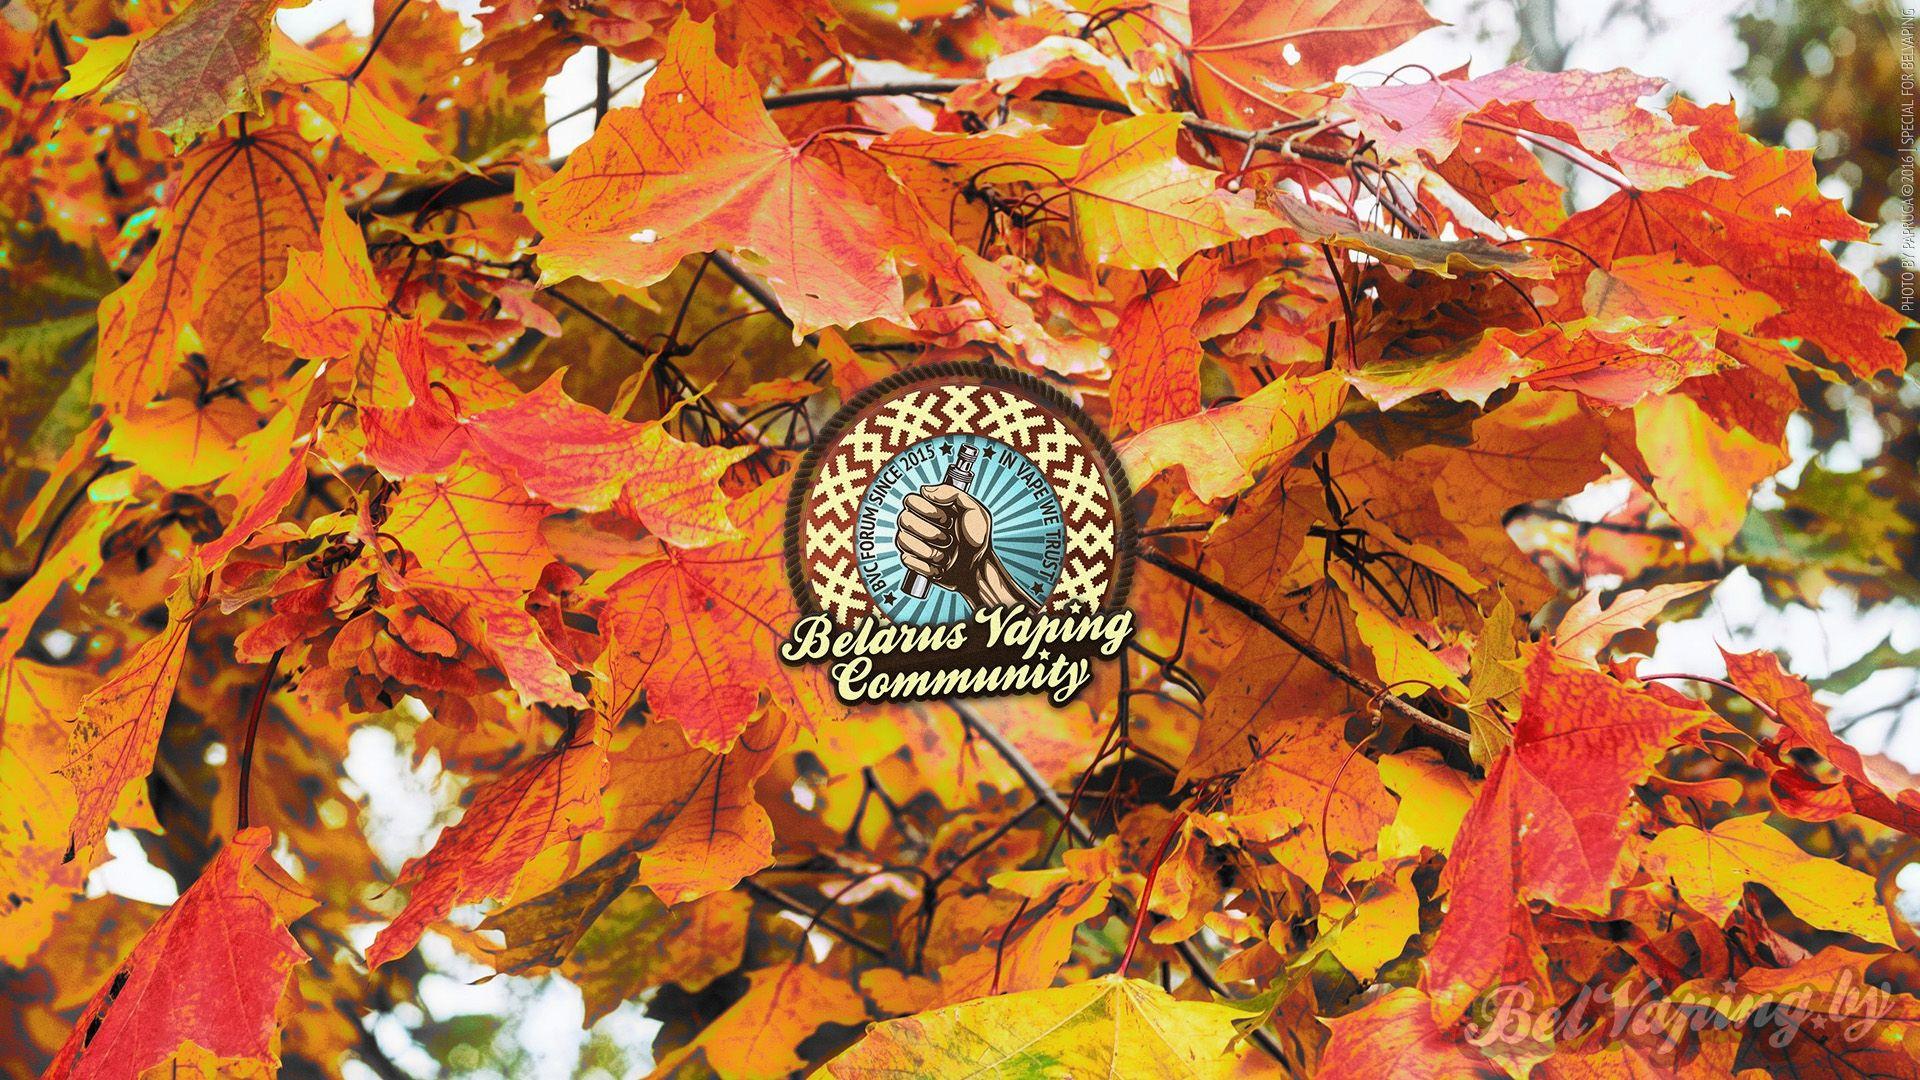 Обои BelVaping от Papruga и календарь на октябрь